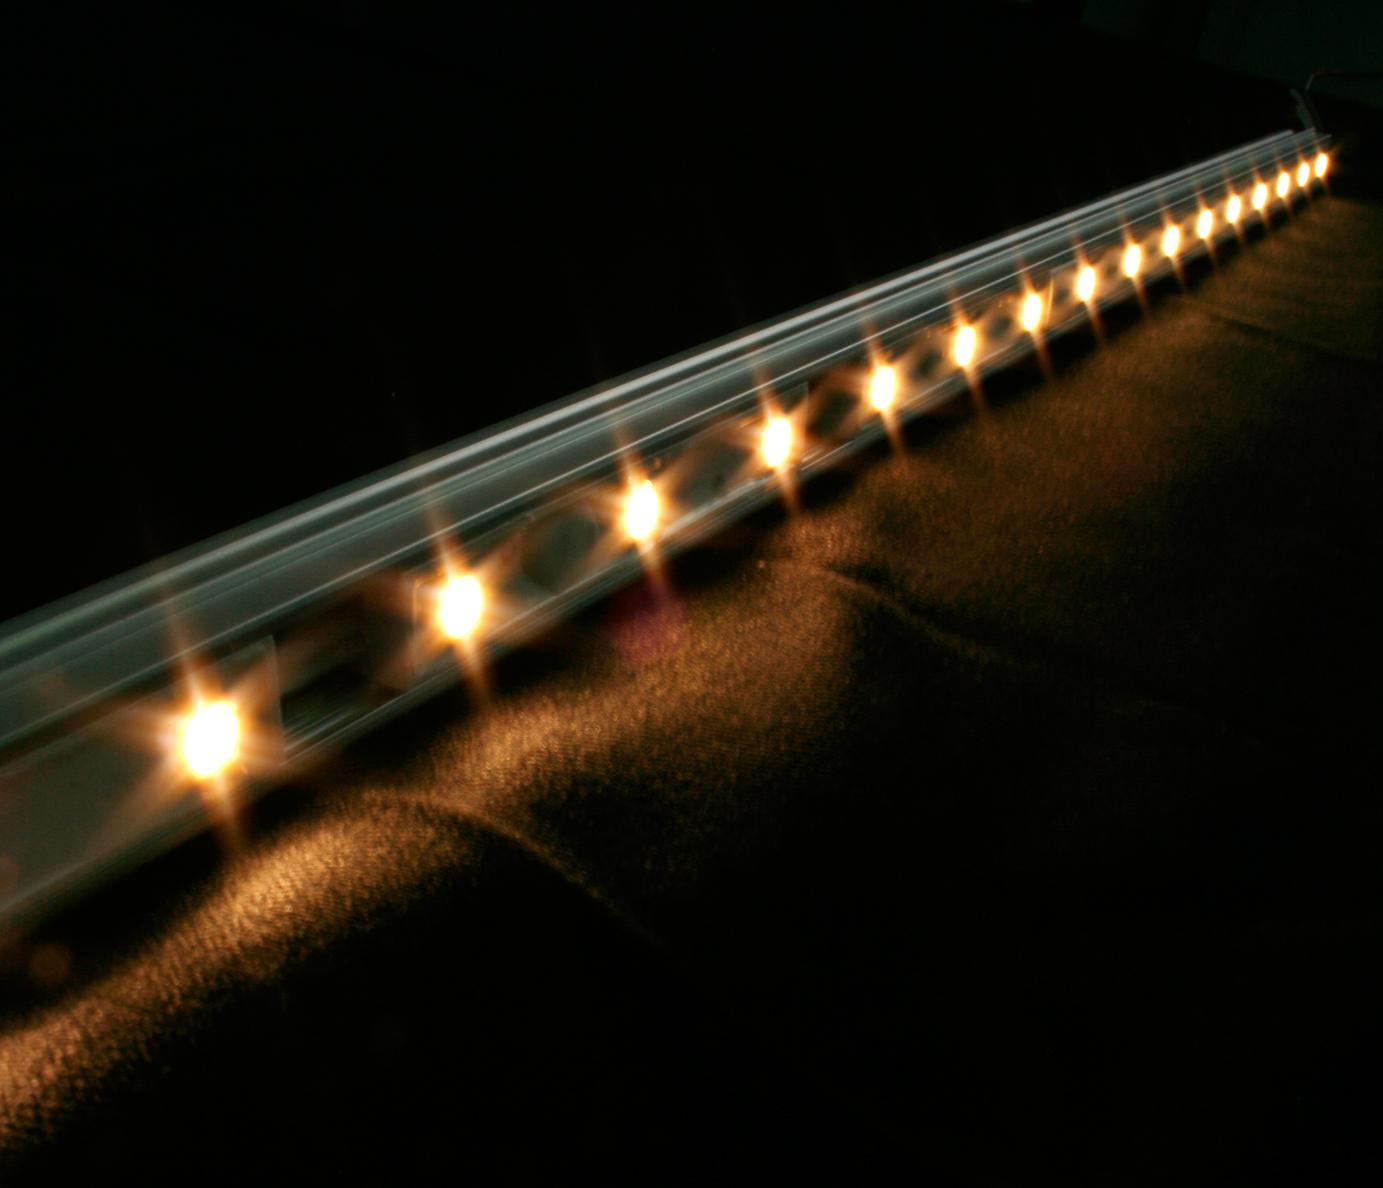 주)대한트랜스 - 'We illuminate the world'